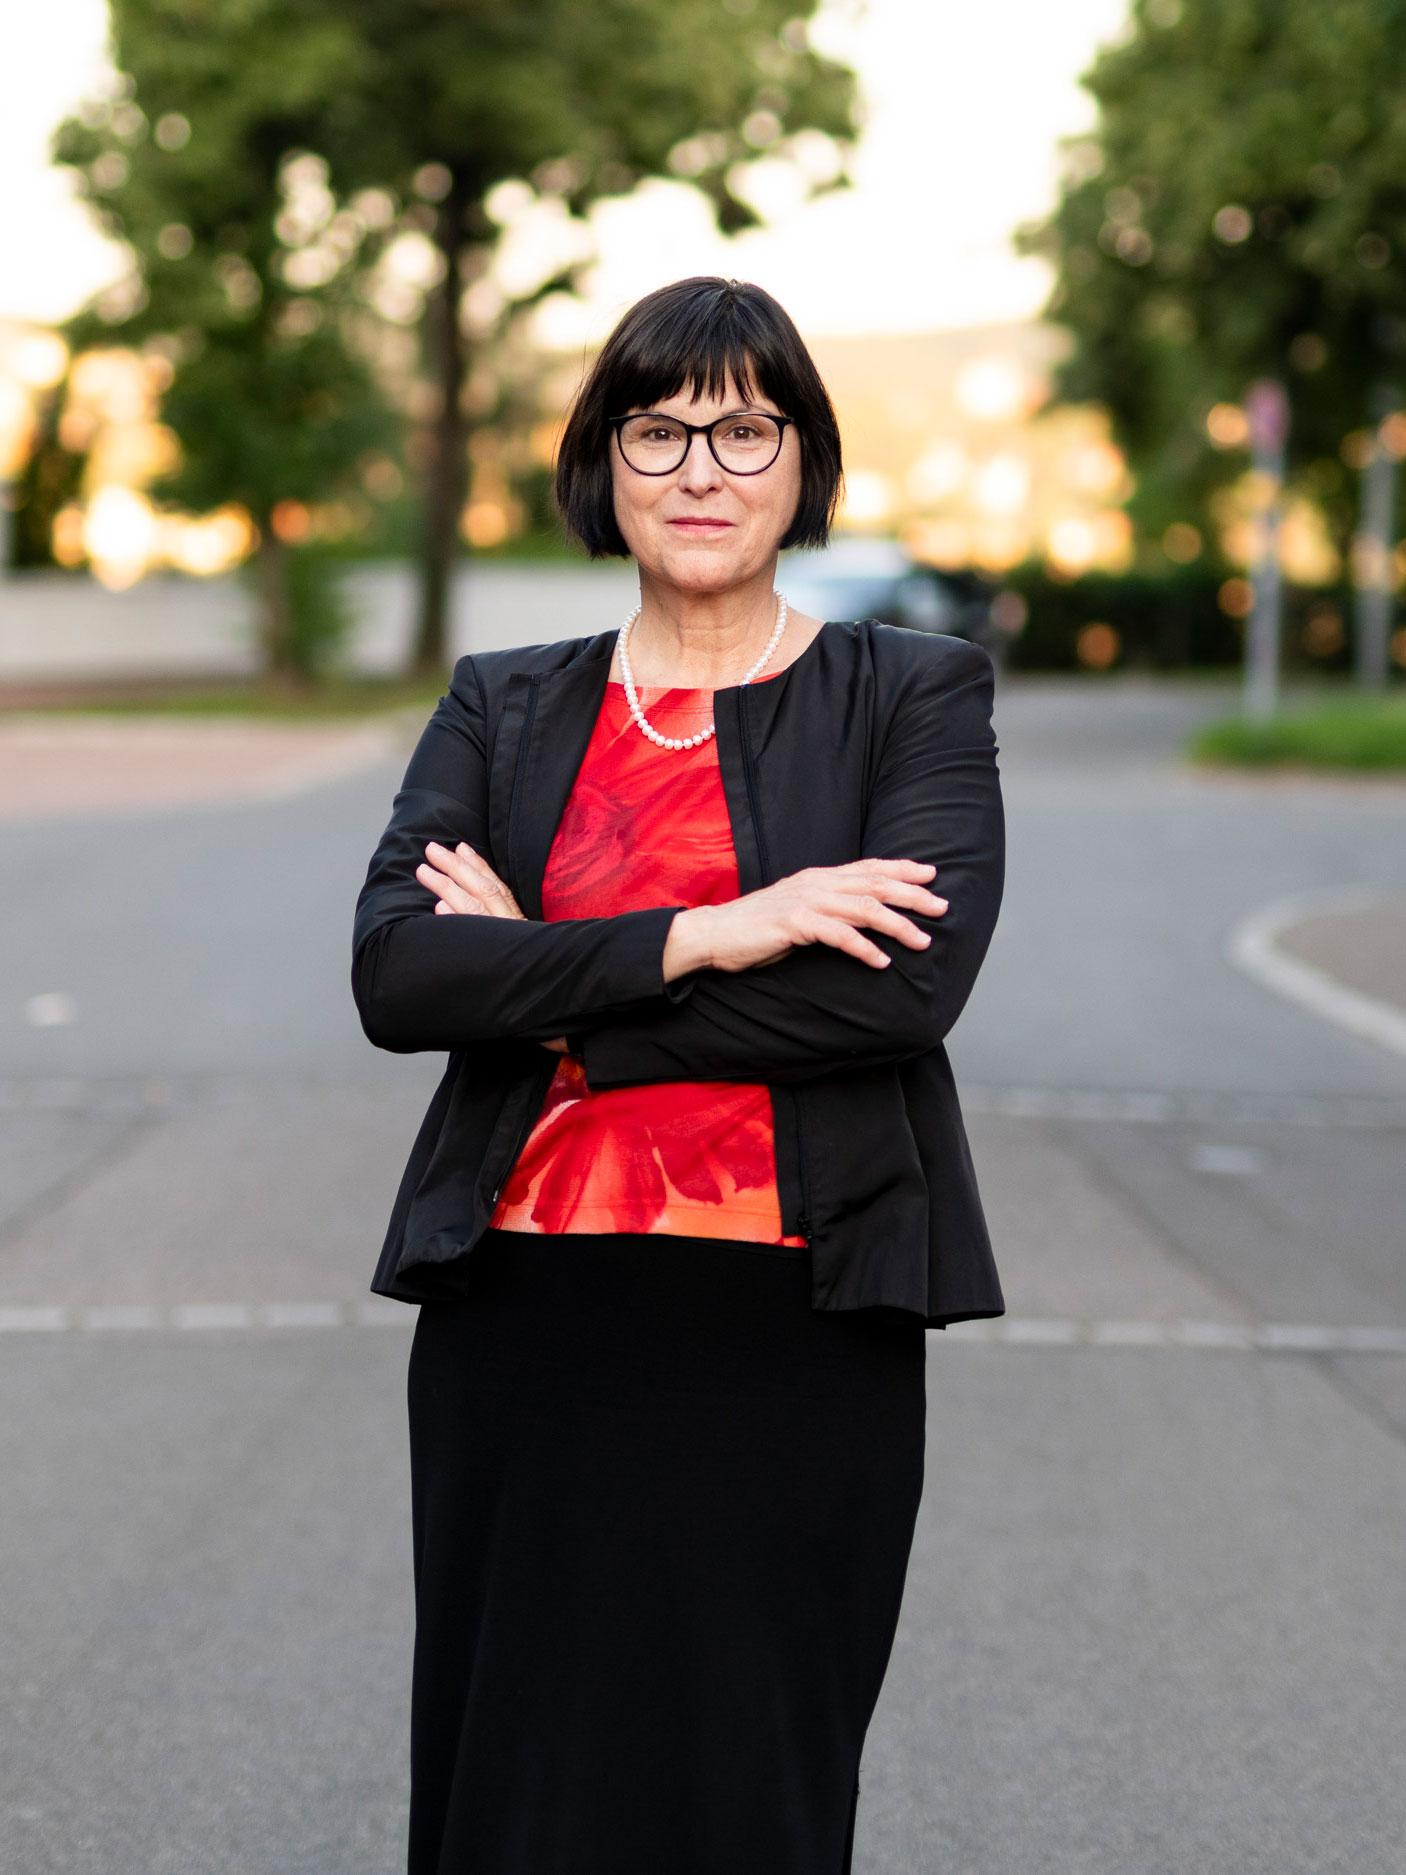 Karin Lang (Credits: Sven Weber)